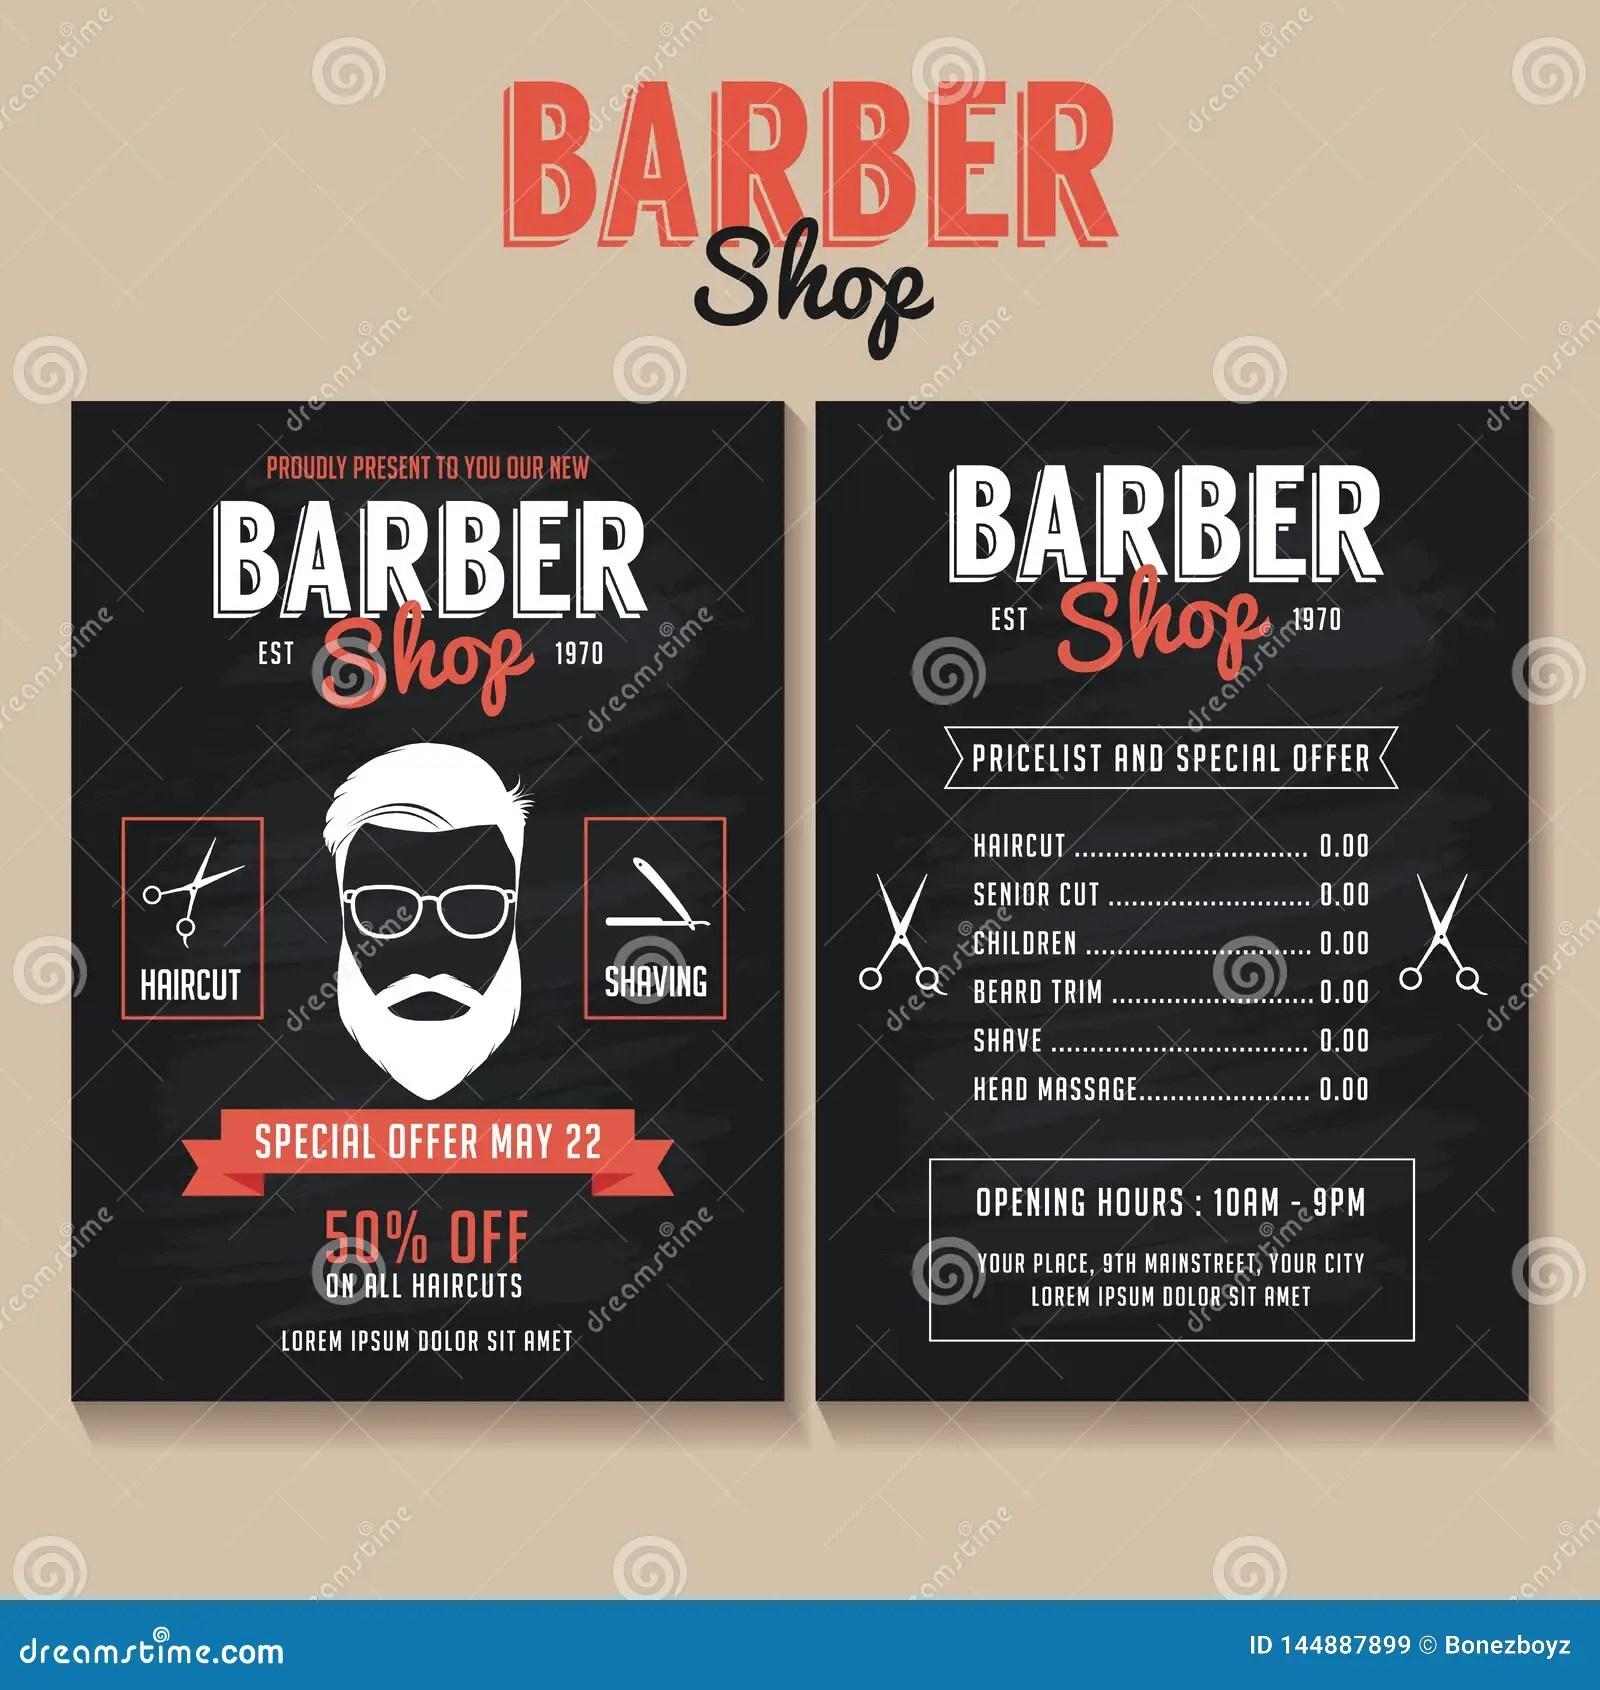 https www dreamstime com barber shop flyer template price list special offer black barber shop flyer price list special offer image144887899